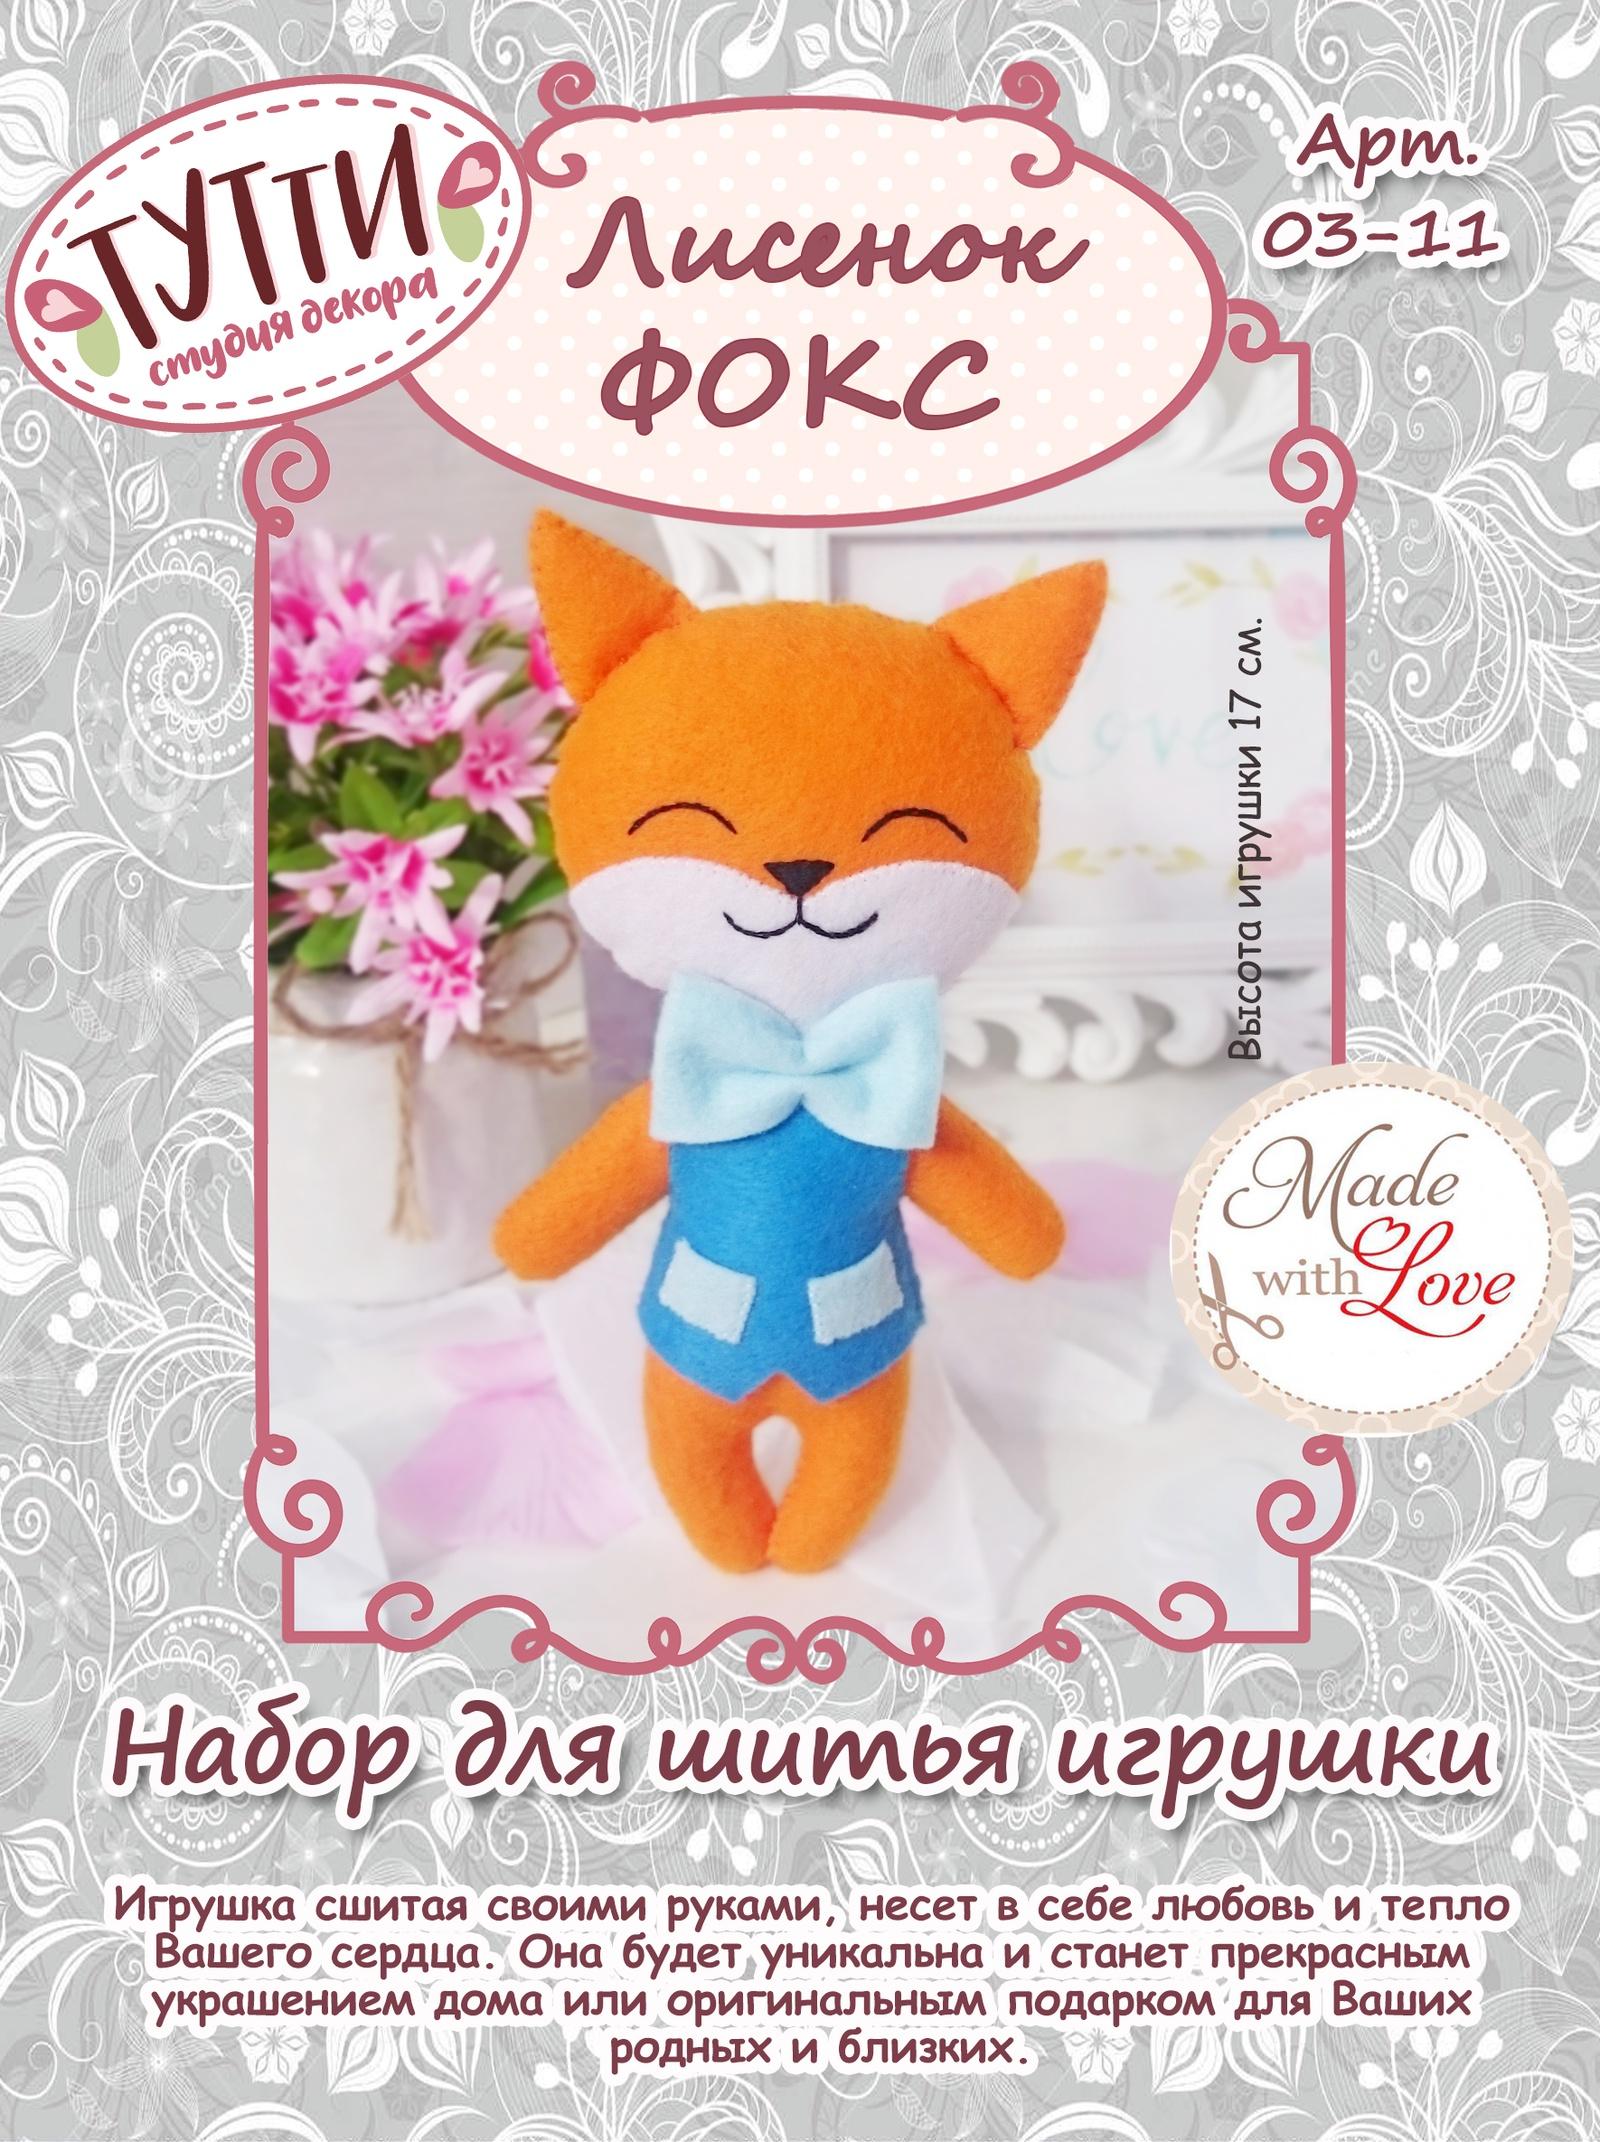 Набор для изготовления игрушки Тутти Лисенок Фокс, 03-11 наборы из фетра в пакете с хедером четырехлистники 11 21136 15